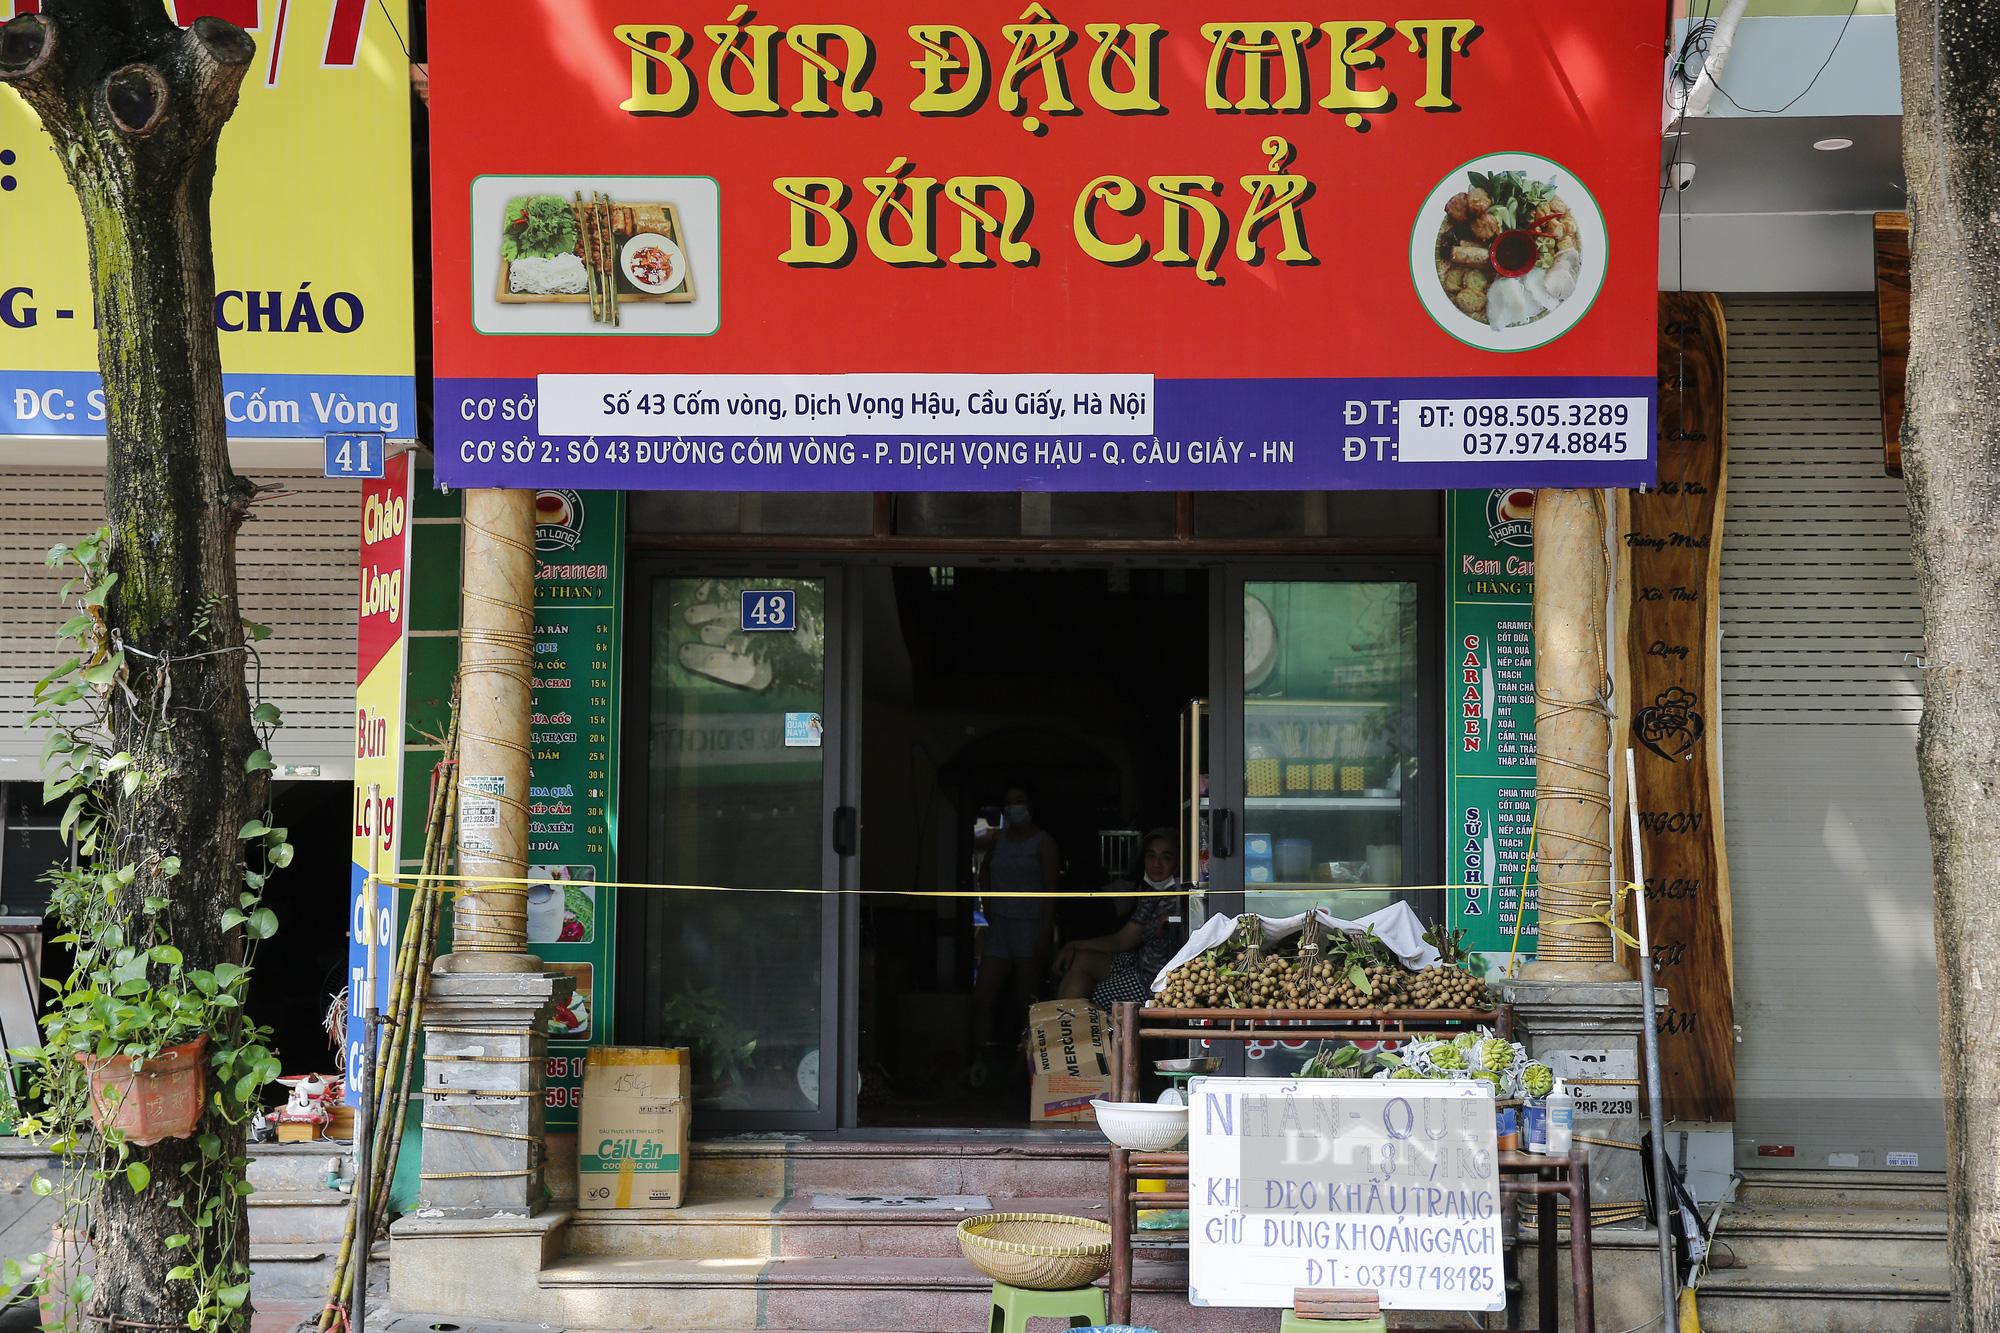 Hà Nội: Nhà hàng, quán cà phê, tiệm cắt tóc... chuyển sang bán thực phẩm thiết yếu - Ảnh 10.